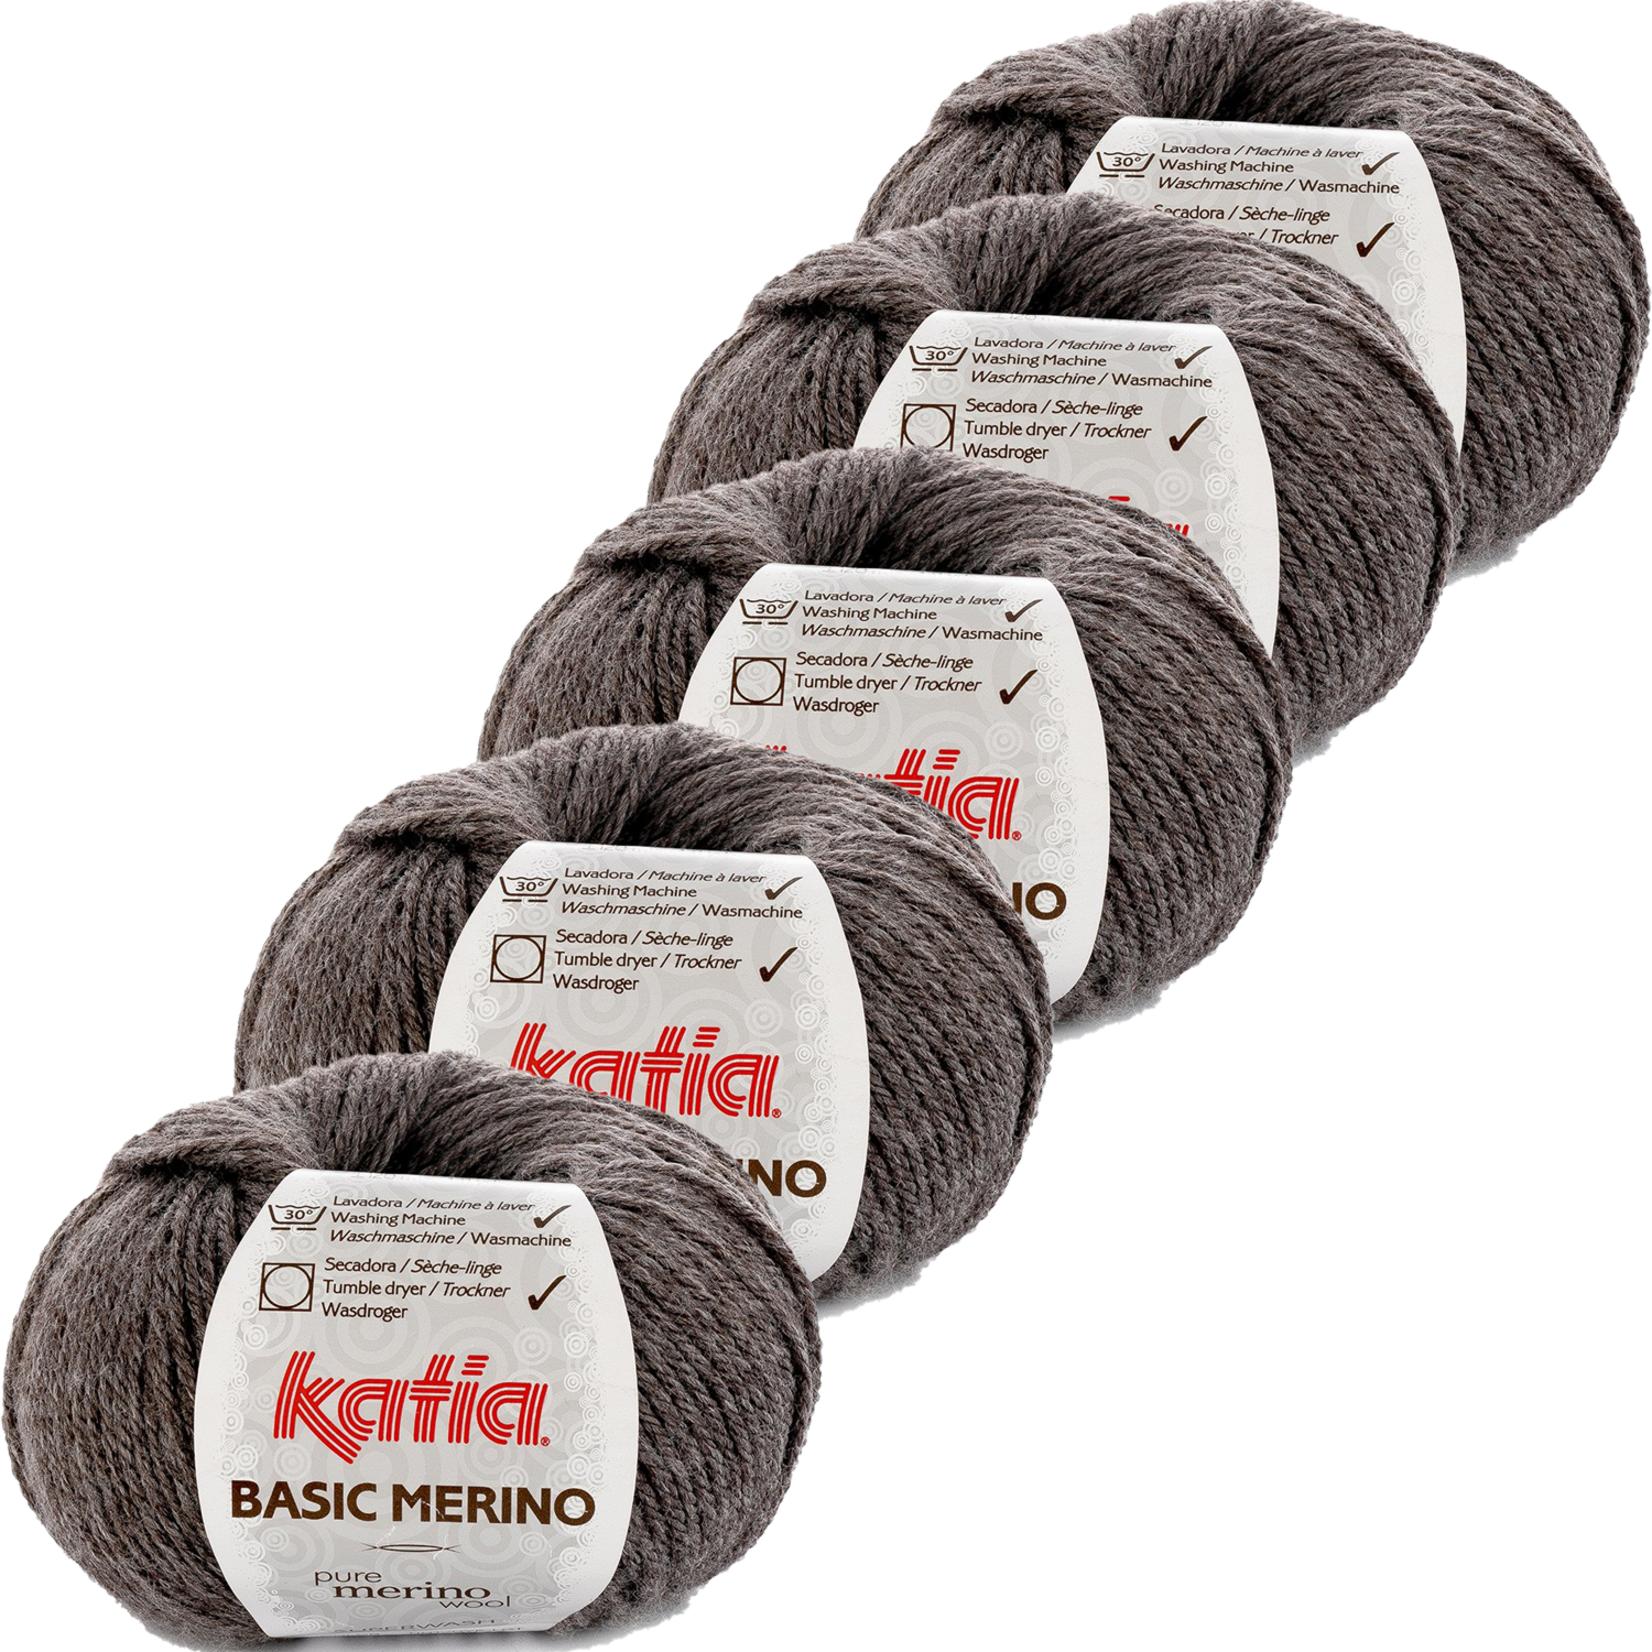 Katia Basic Merino - kleur 8_Donker grijs - bundel 5 bollen 50 gr.  van 120 m.